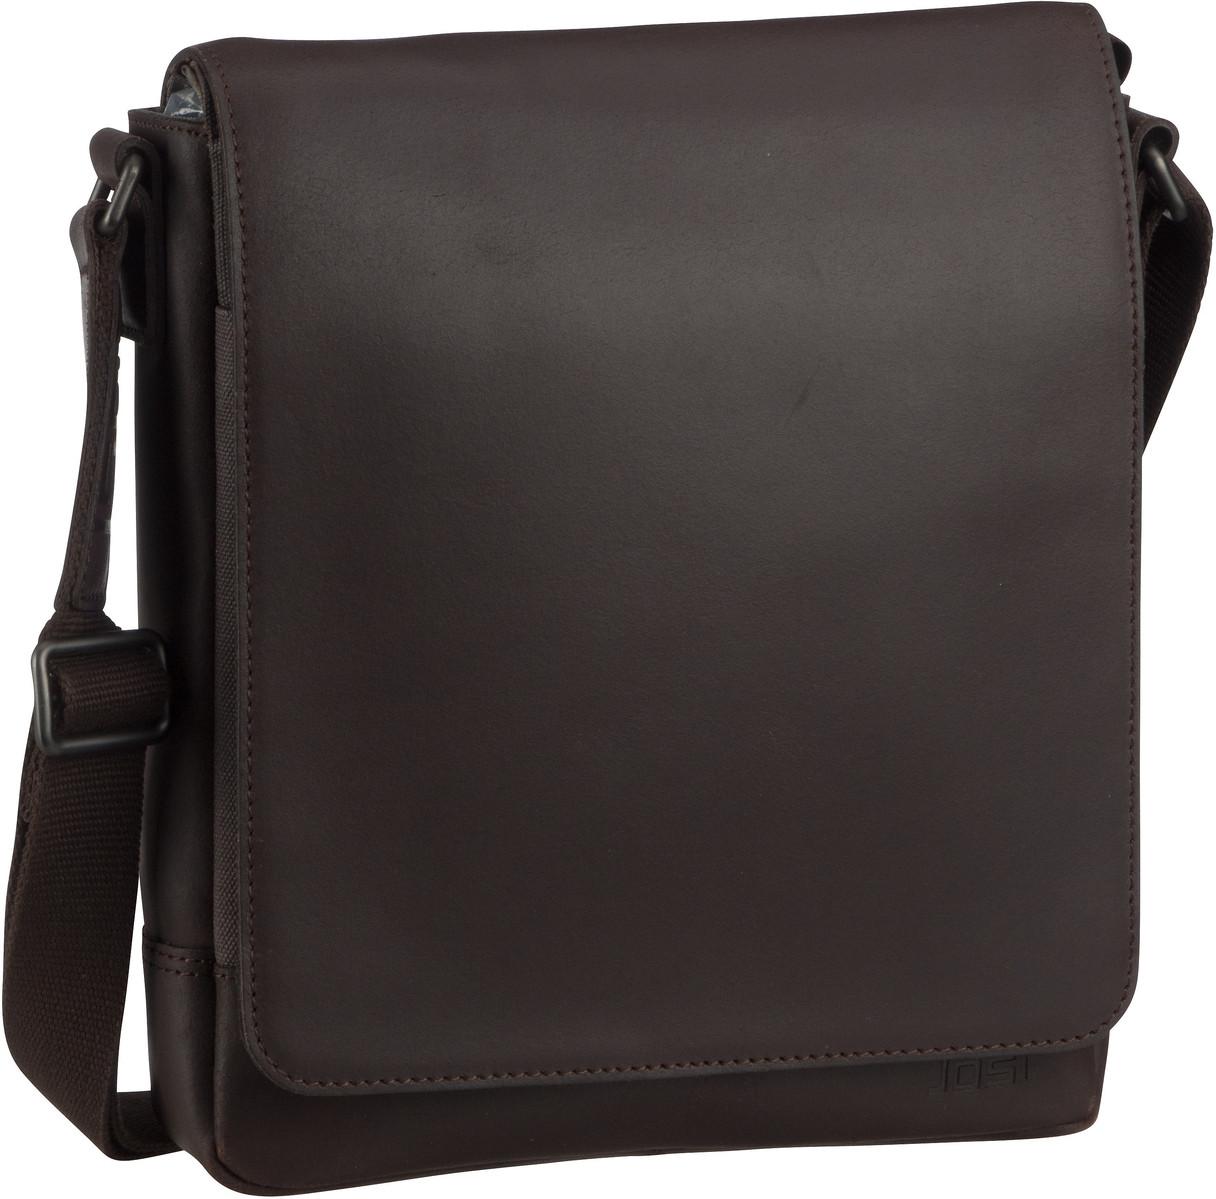 Umhängetasche Varberg 7171 Shoulder Bag S Brown